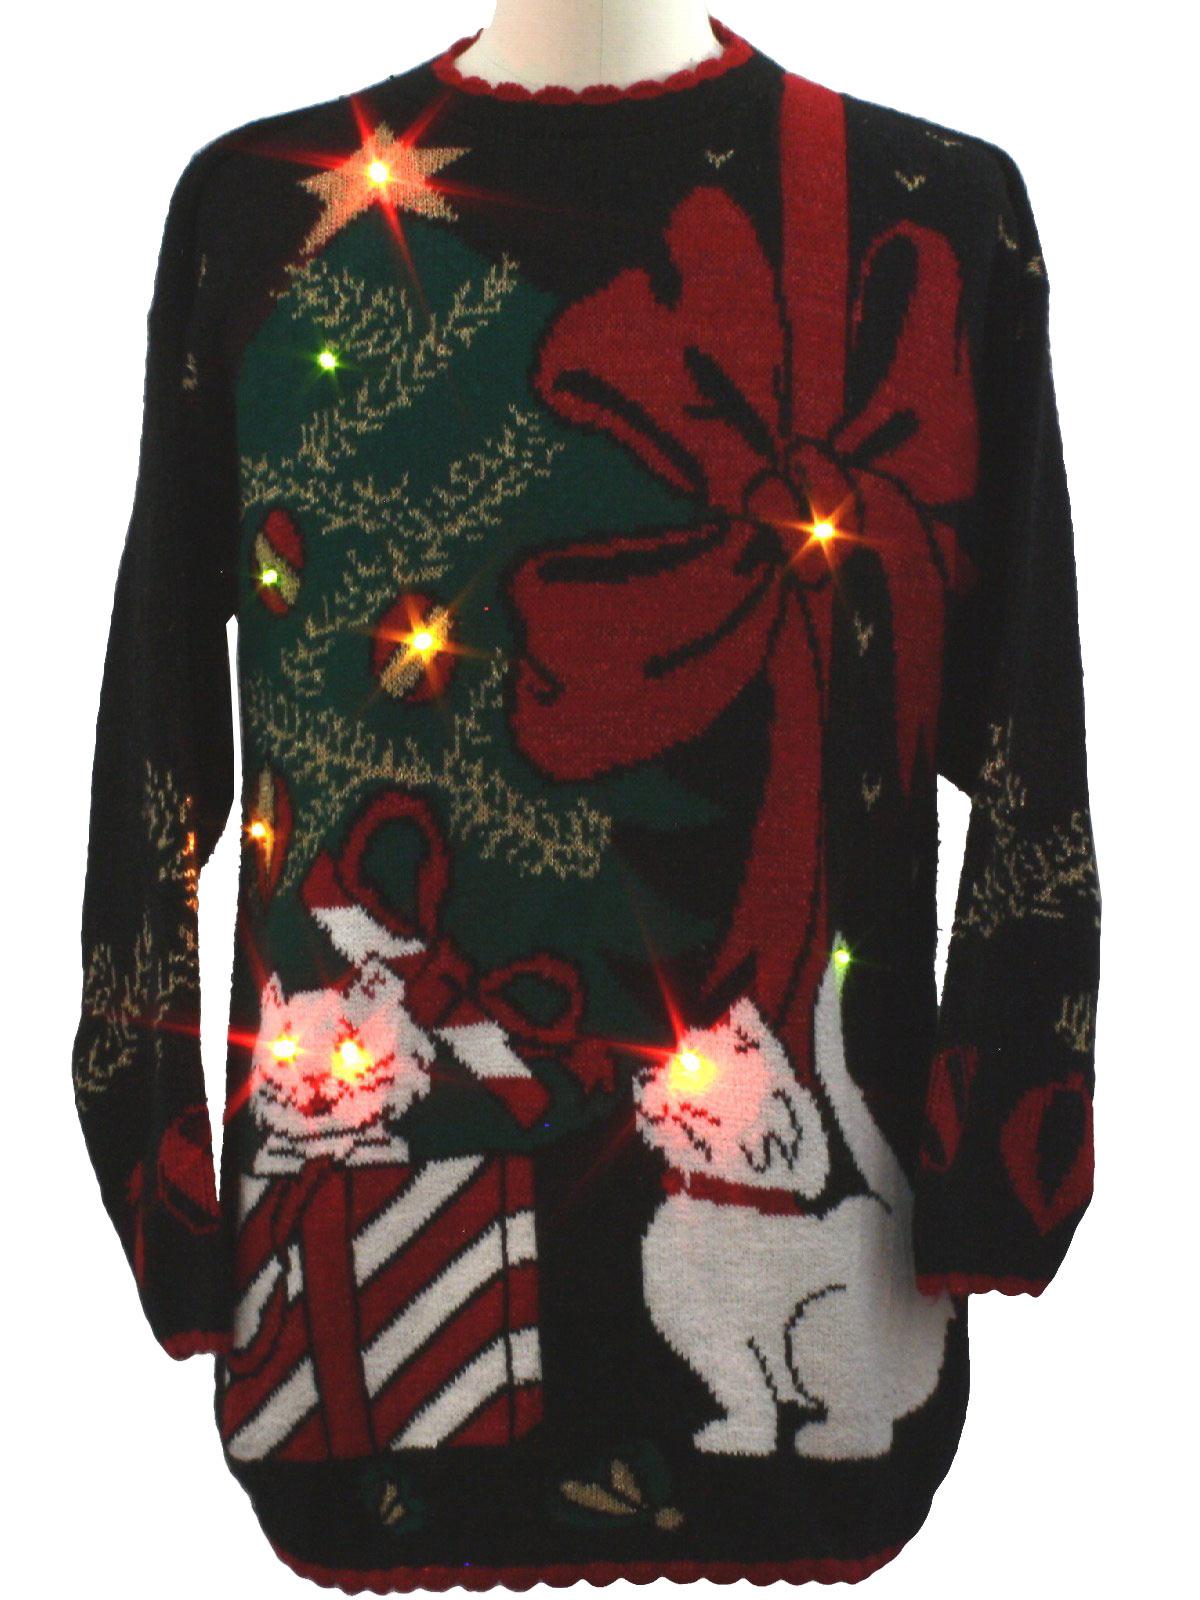 Sweater: Nautica Big And Tall Sweater Shawl Collar Fair Isle Sweater